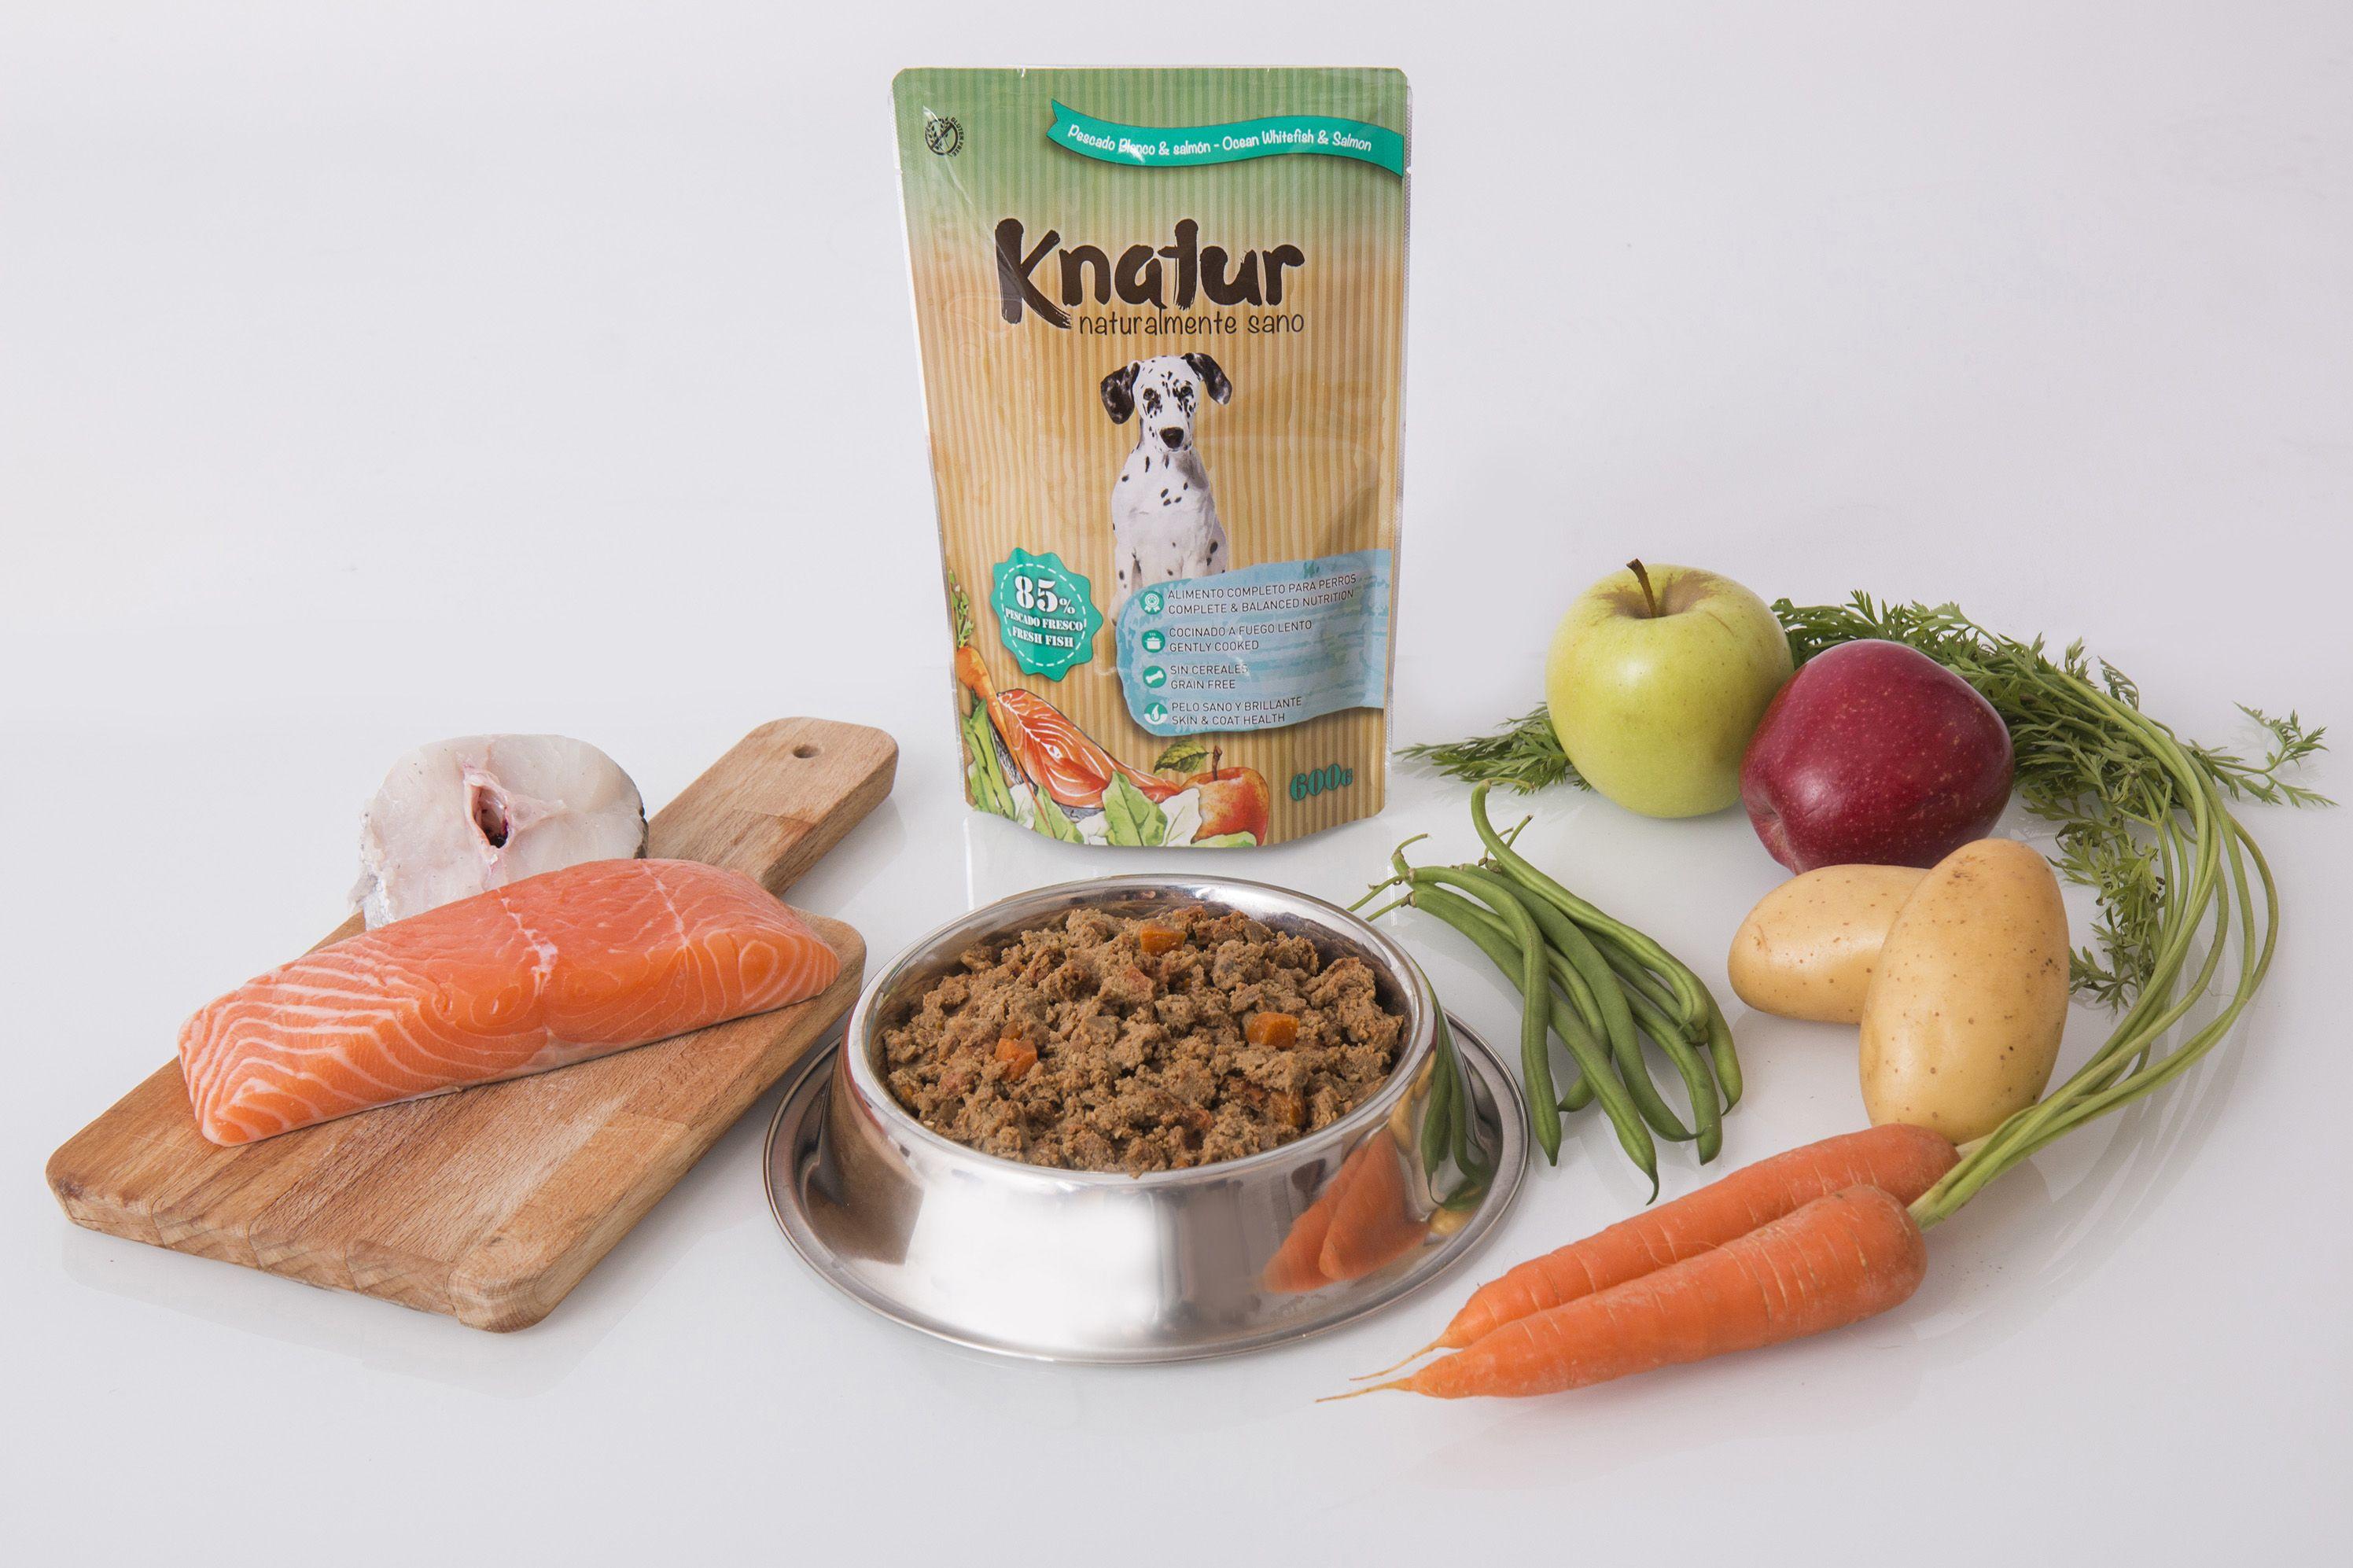 Knatur Pescado, la nueva variedad de alimentos para perros sana y natural, con un 85% de pescado fresco